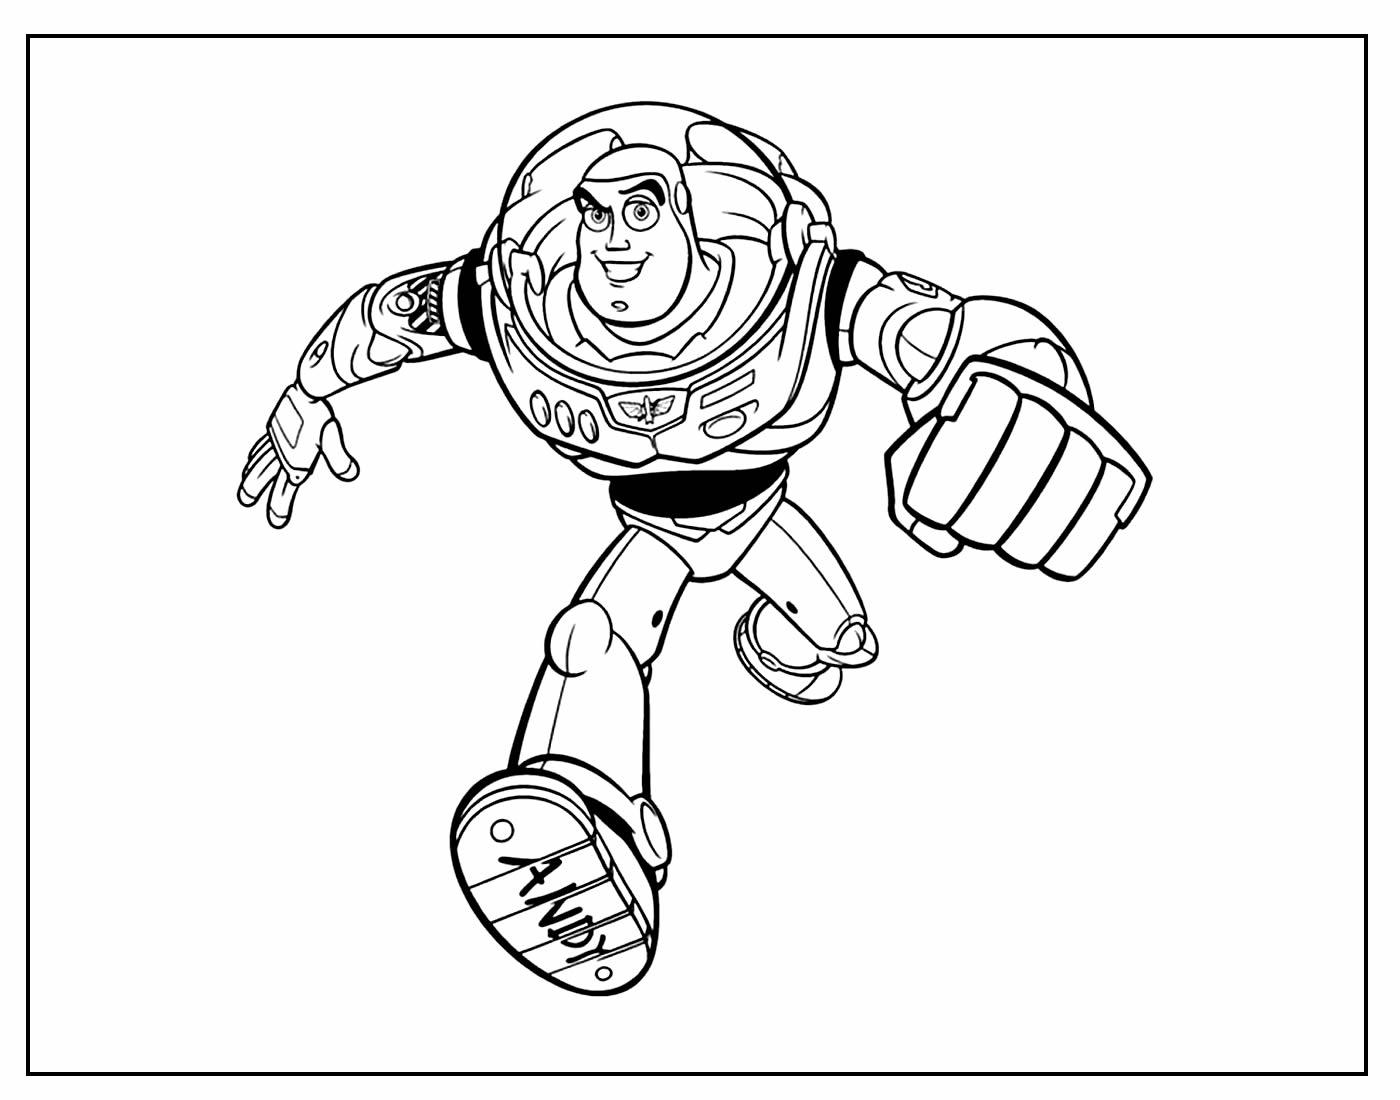 Desenho para colorir de Toy Story